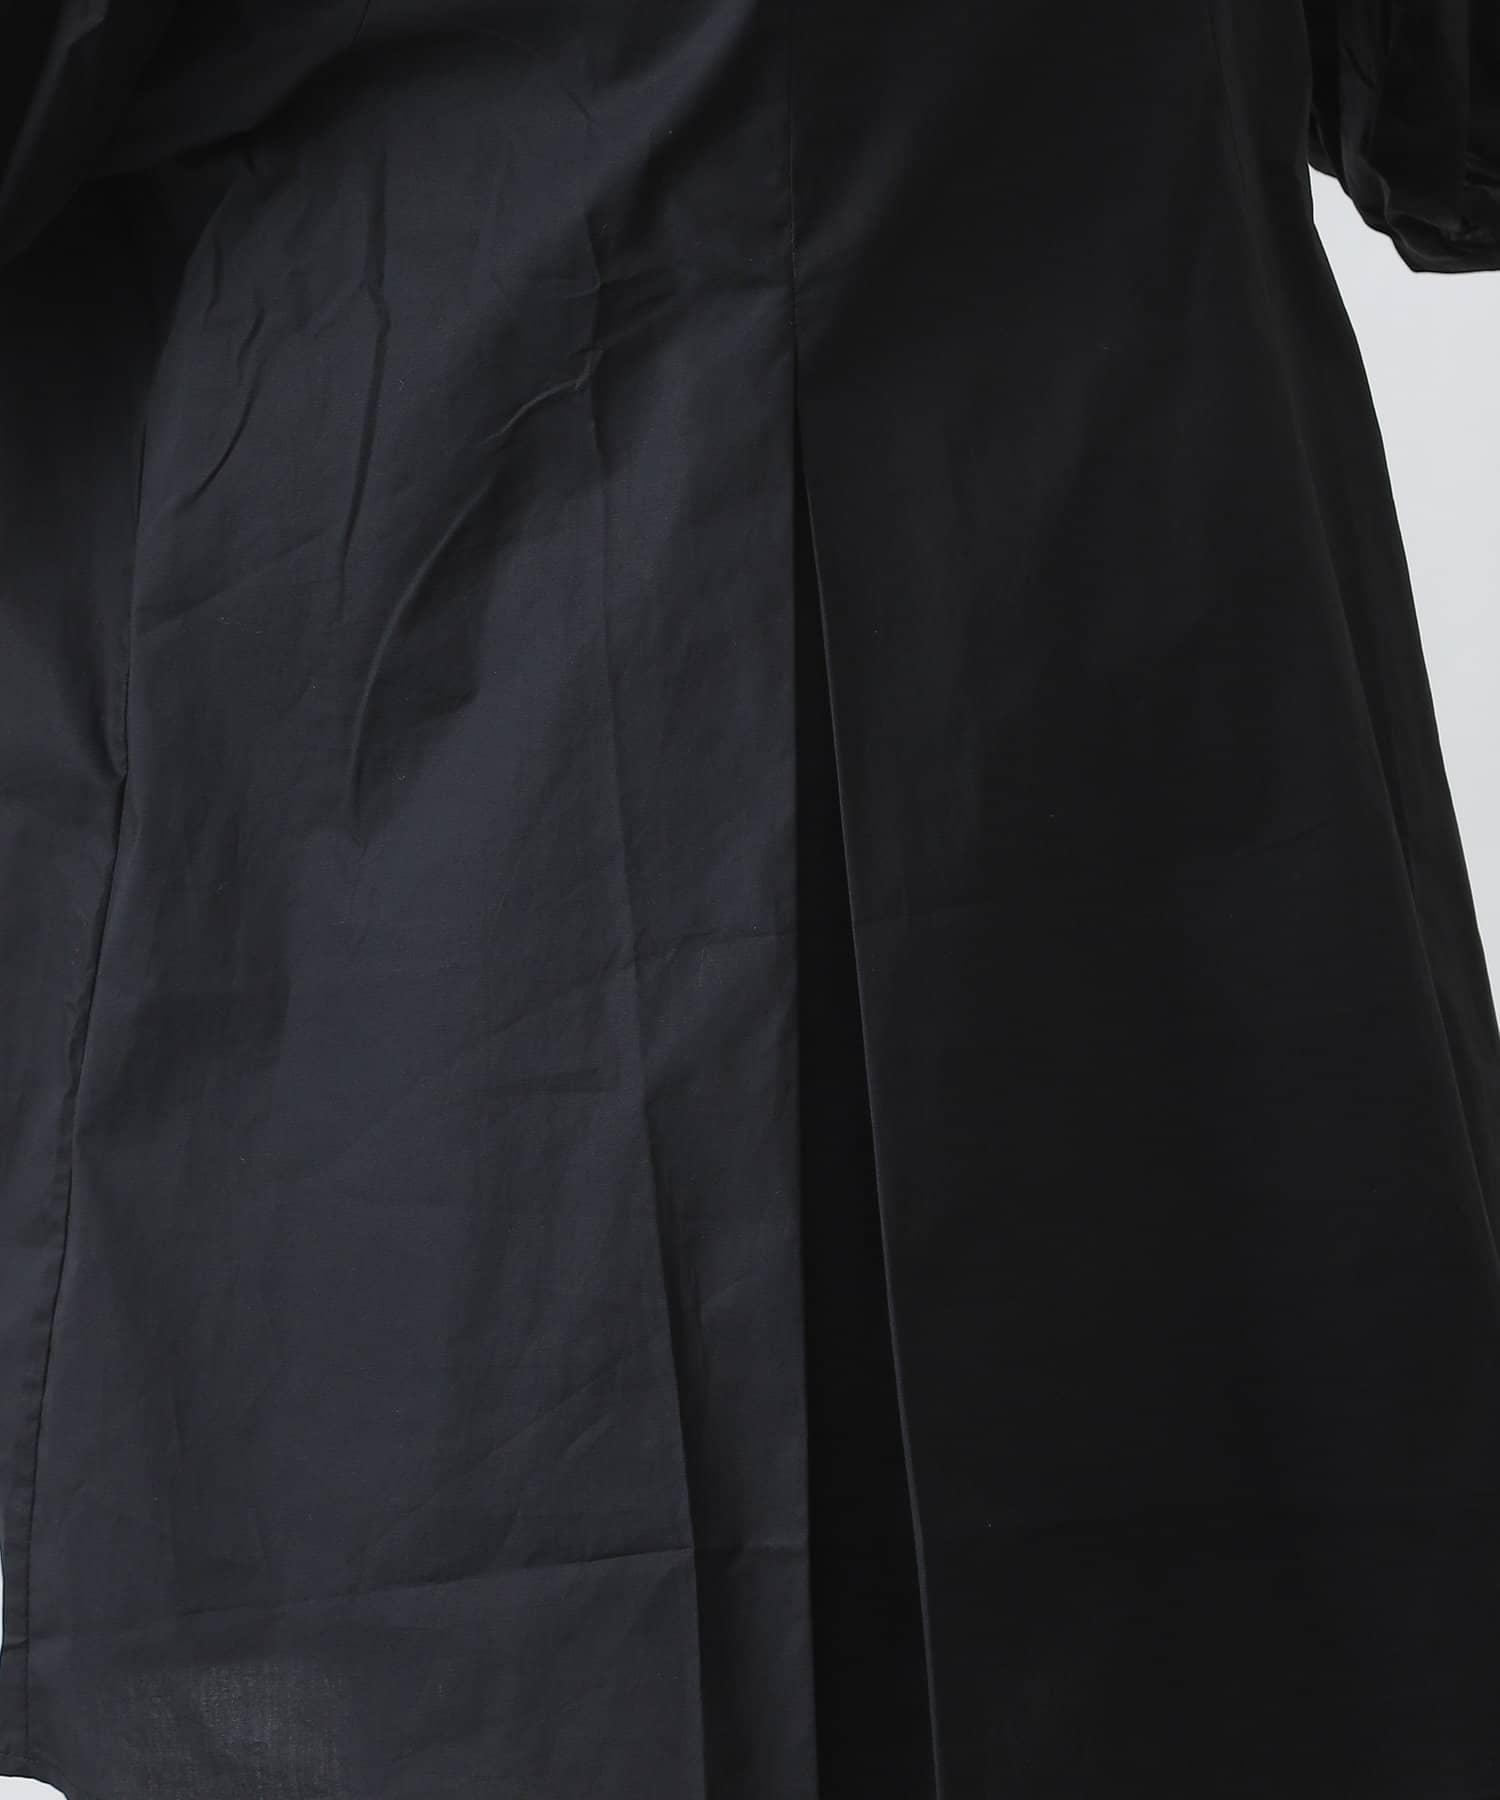 COLONY 2139(コロニー トゥーワンスリーナイン) 【WEB・一部店舗限定】コットンバルーンショートスリーブブラウス